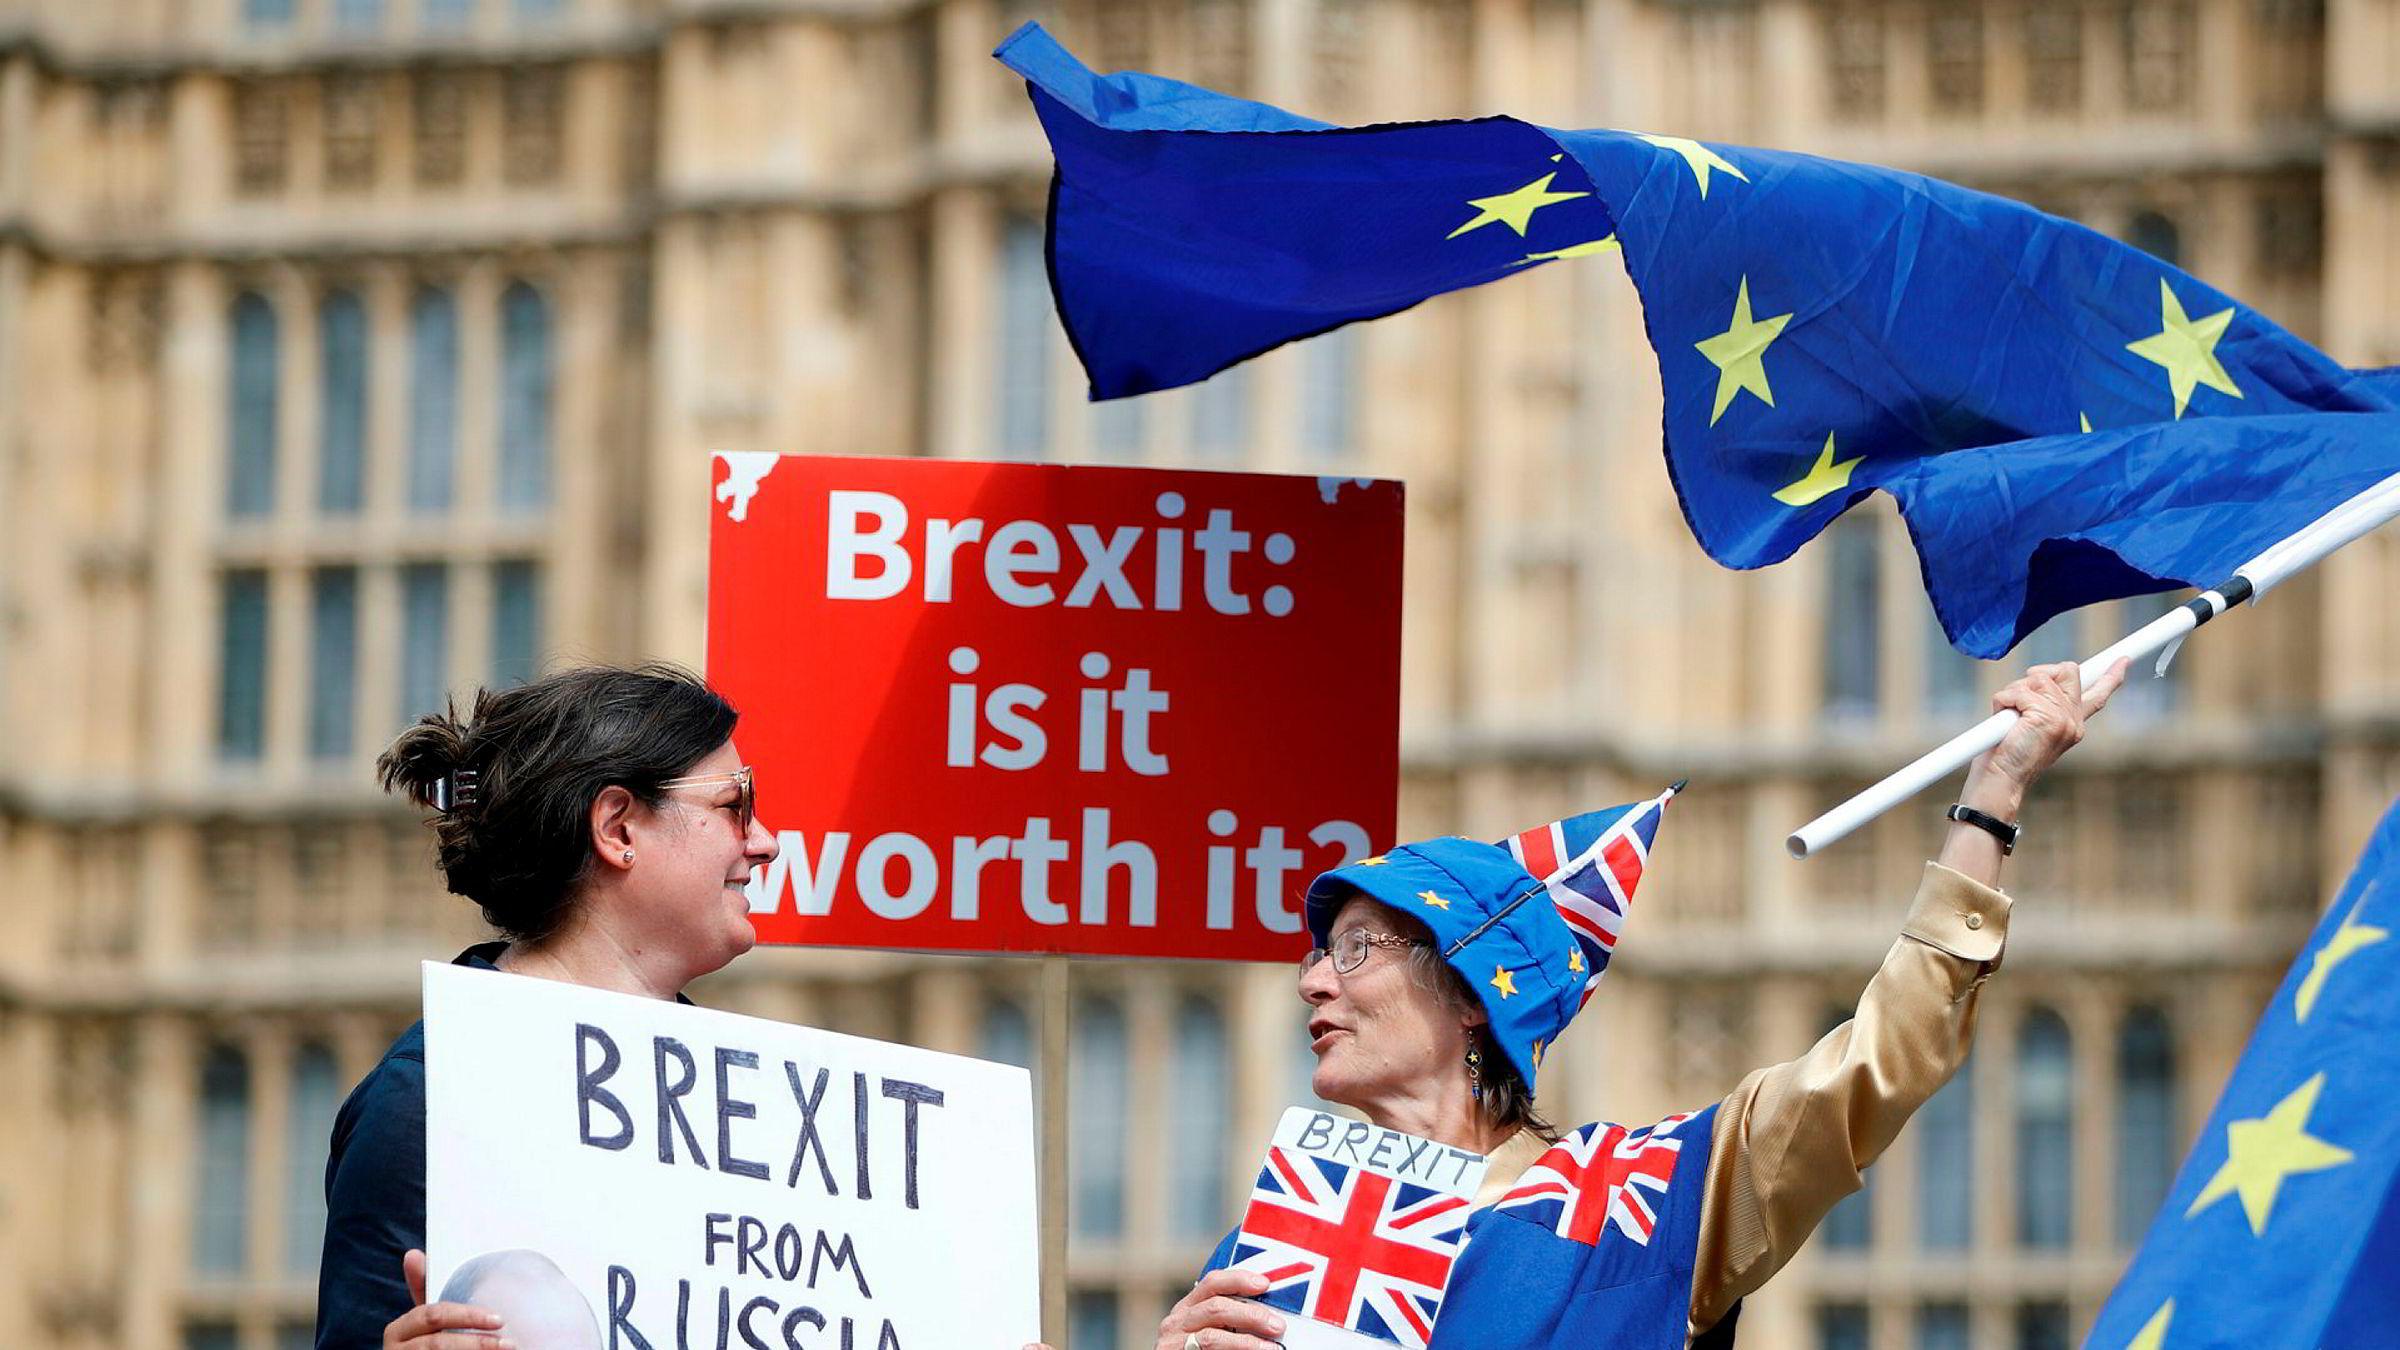 Regjeringen greier ikke å finne en realistisk brexit-plan som kan få flertall i parlamentet. Hvis det ikke løser seg, er det bare ett alternativ igjen for Storbritannia: en ny folkeavstemning, skriver innleggsforfatteren Her fra en anti-brexit-demonstrasjon den 4. juli 2018.